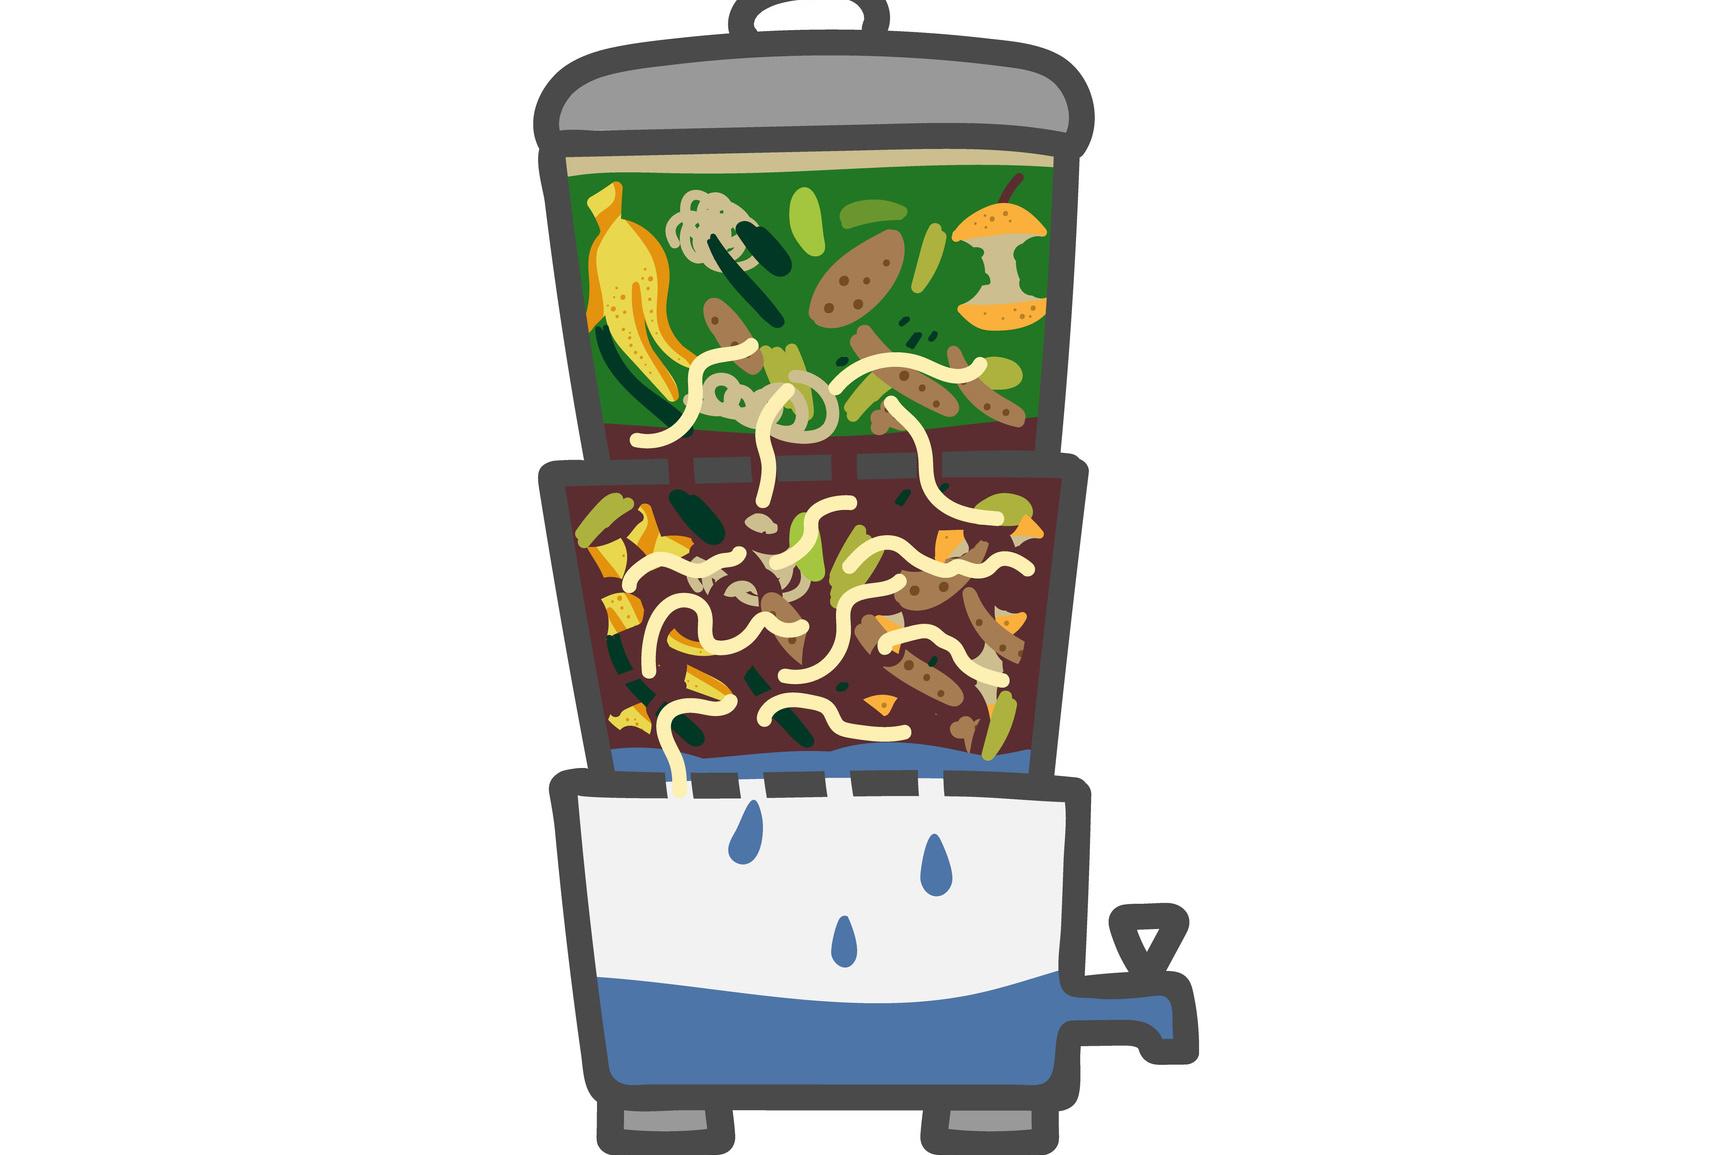 Een schematische weergave van de opbouw van een wormenbak, hier met kraantje voor het percolaat., Getty